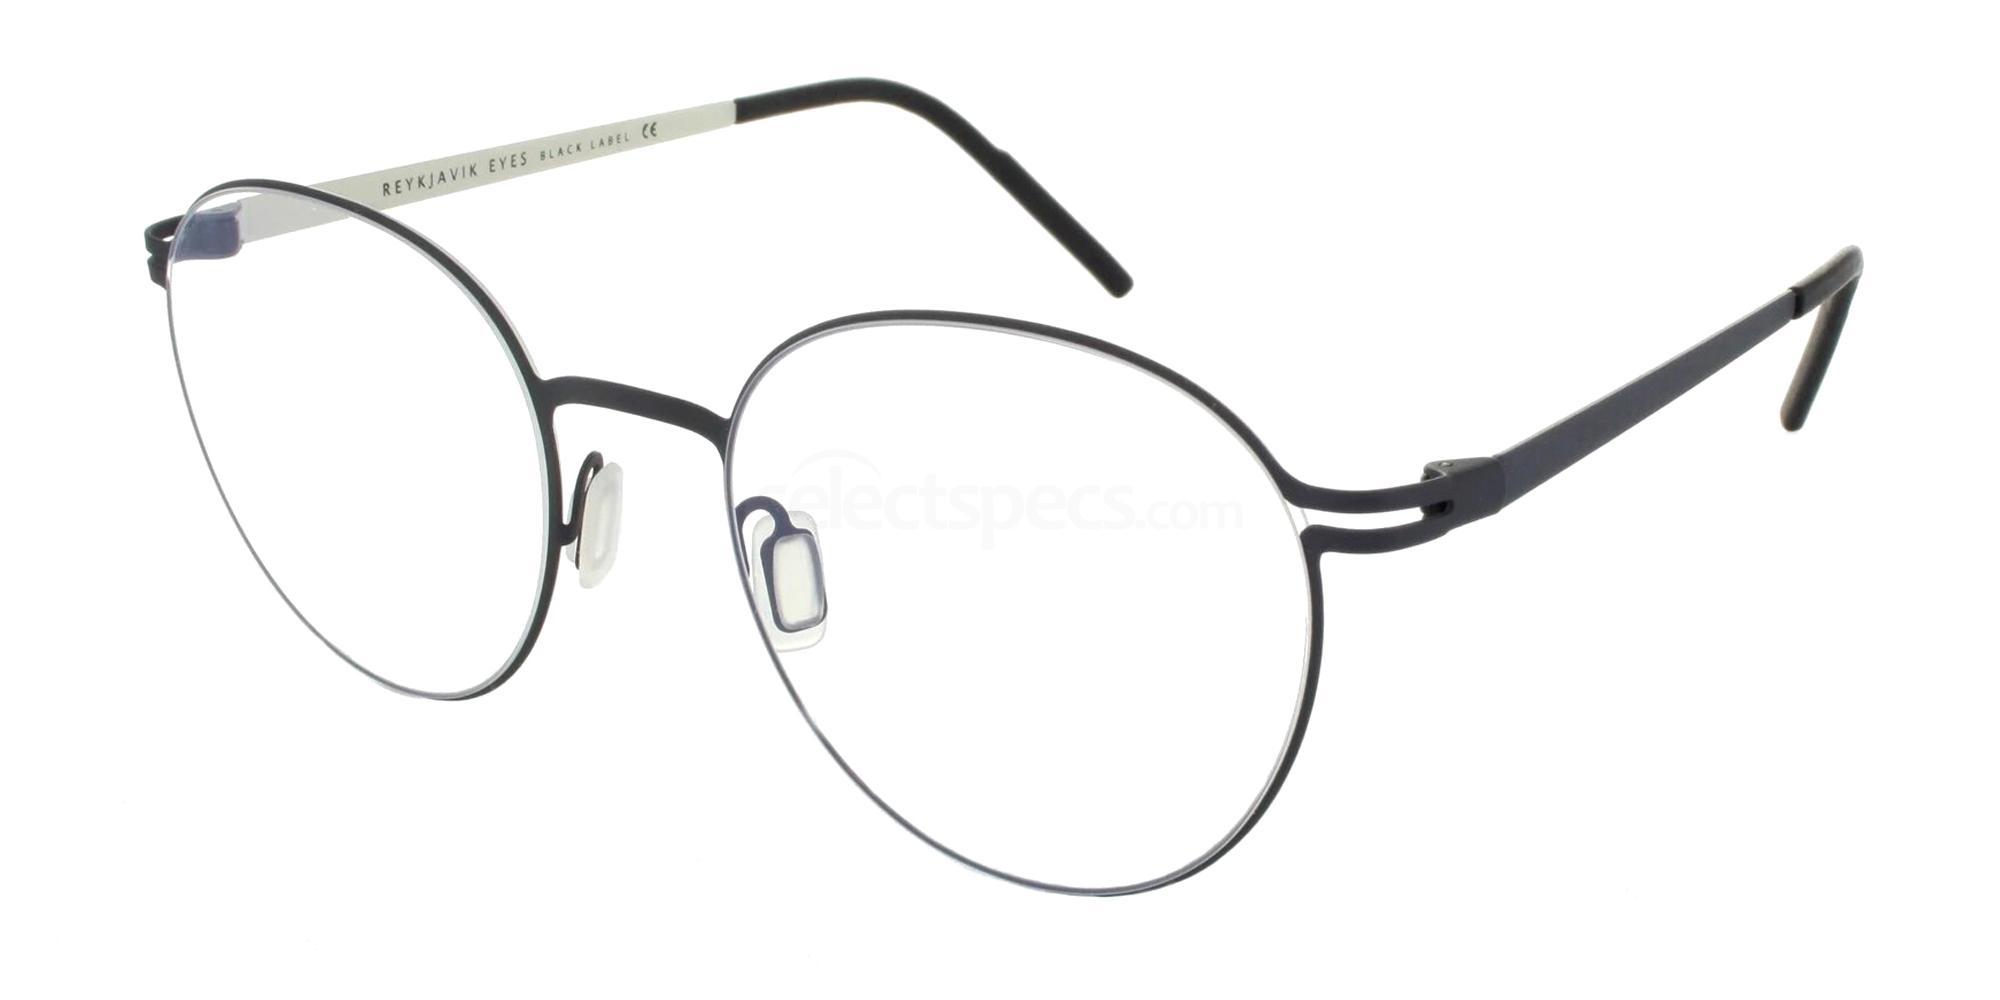 C1 BRAGI Glasses, Reykjavik Eyes Black Label